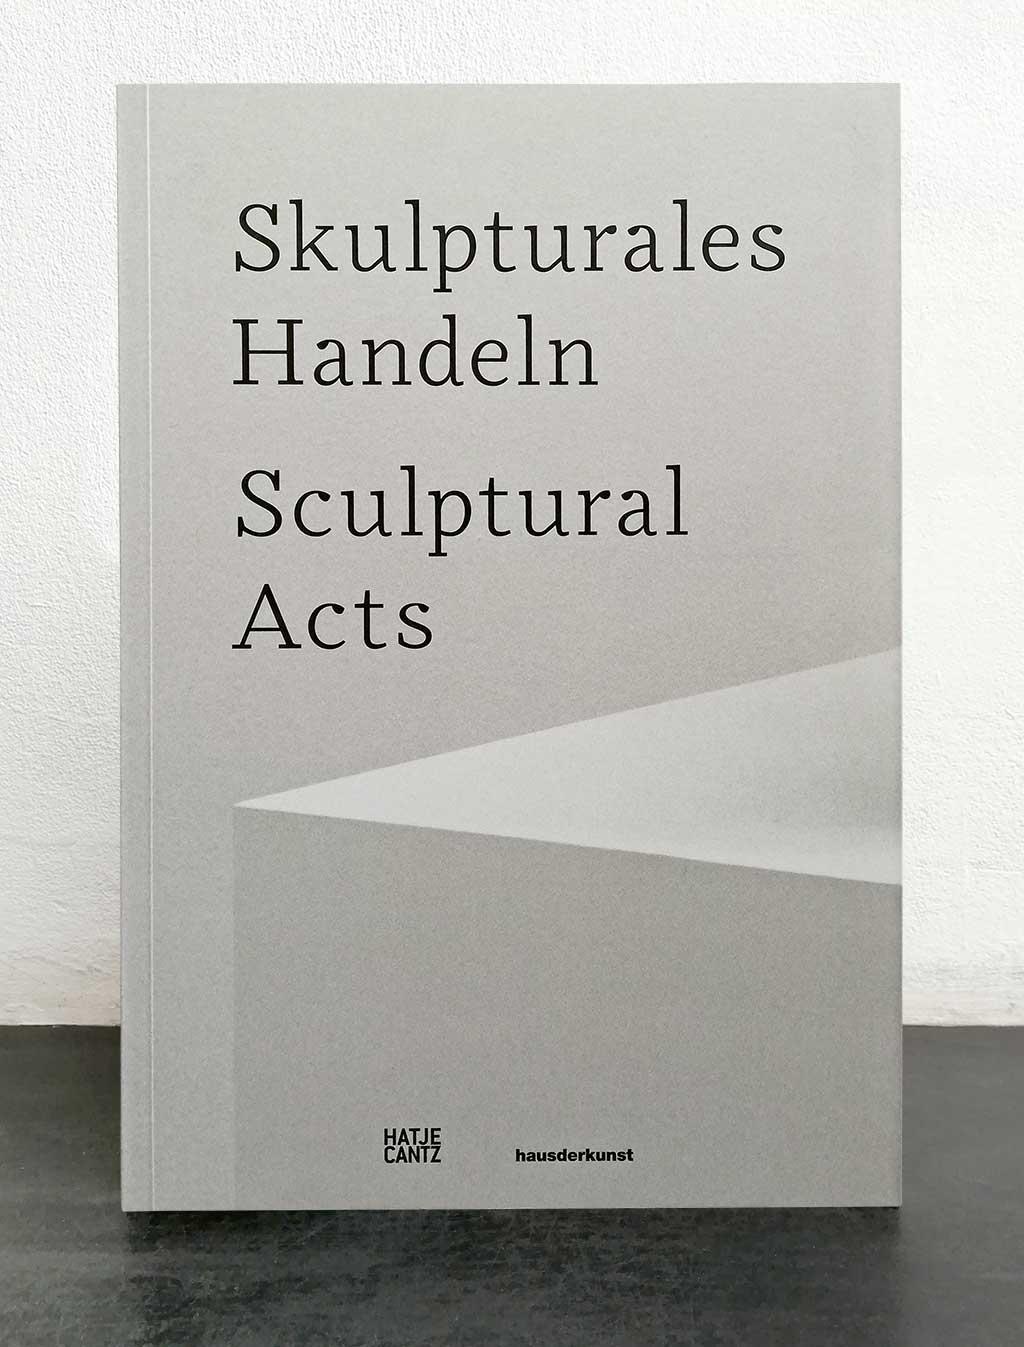 Skulpturales Handeln / Sculptural Acts